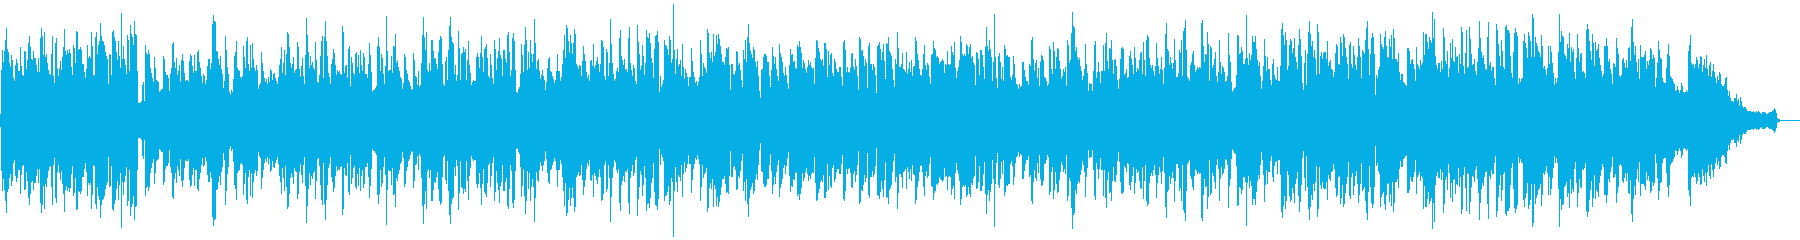 ピアニカとアコーディオンのおしゃれジャズの再生済みの波形